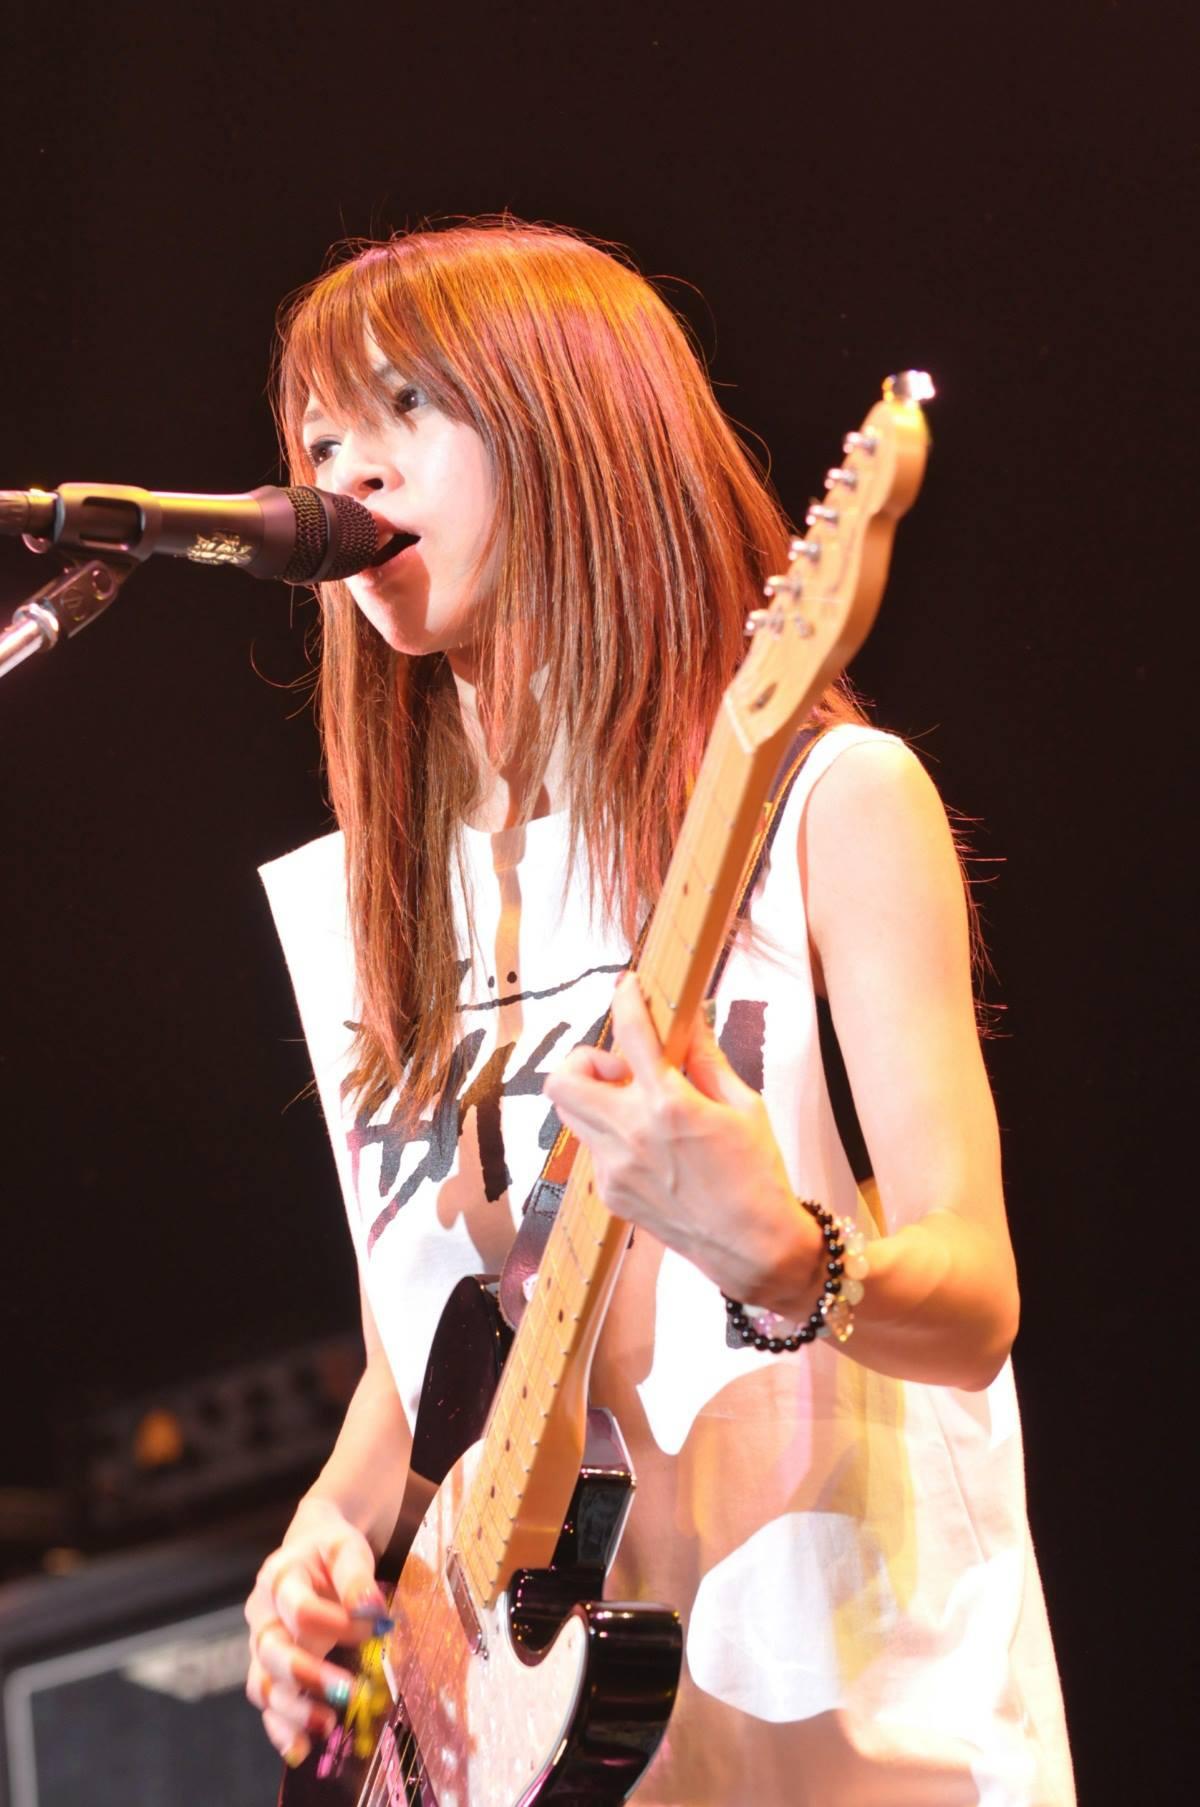 SCANDAL LIVE TOUR 2013「SCA wa Mada Honki Dashitenai Dake」 92112810